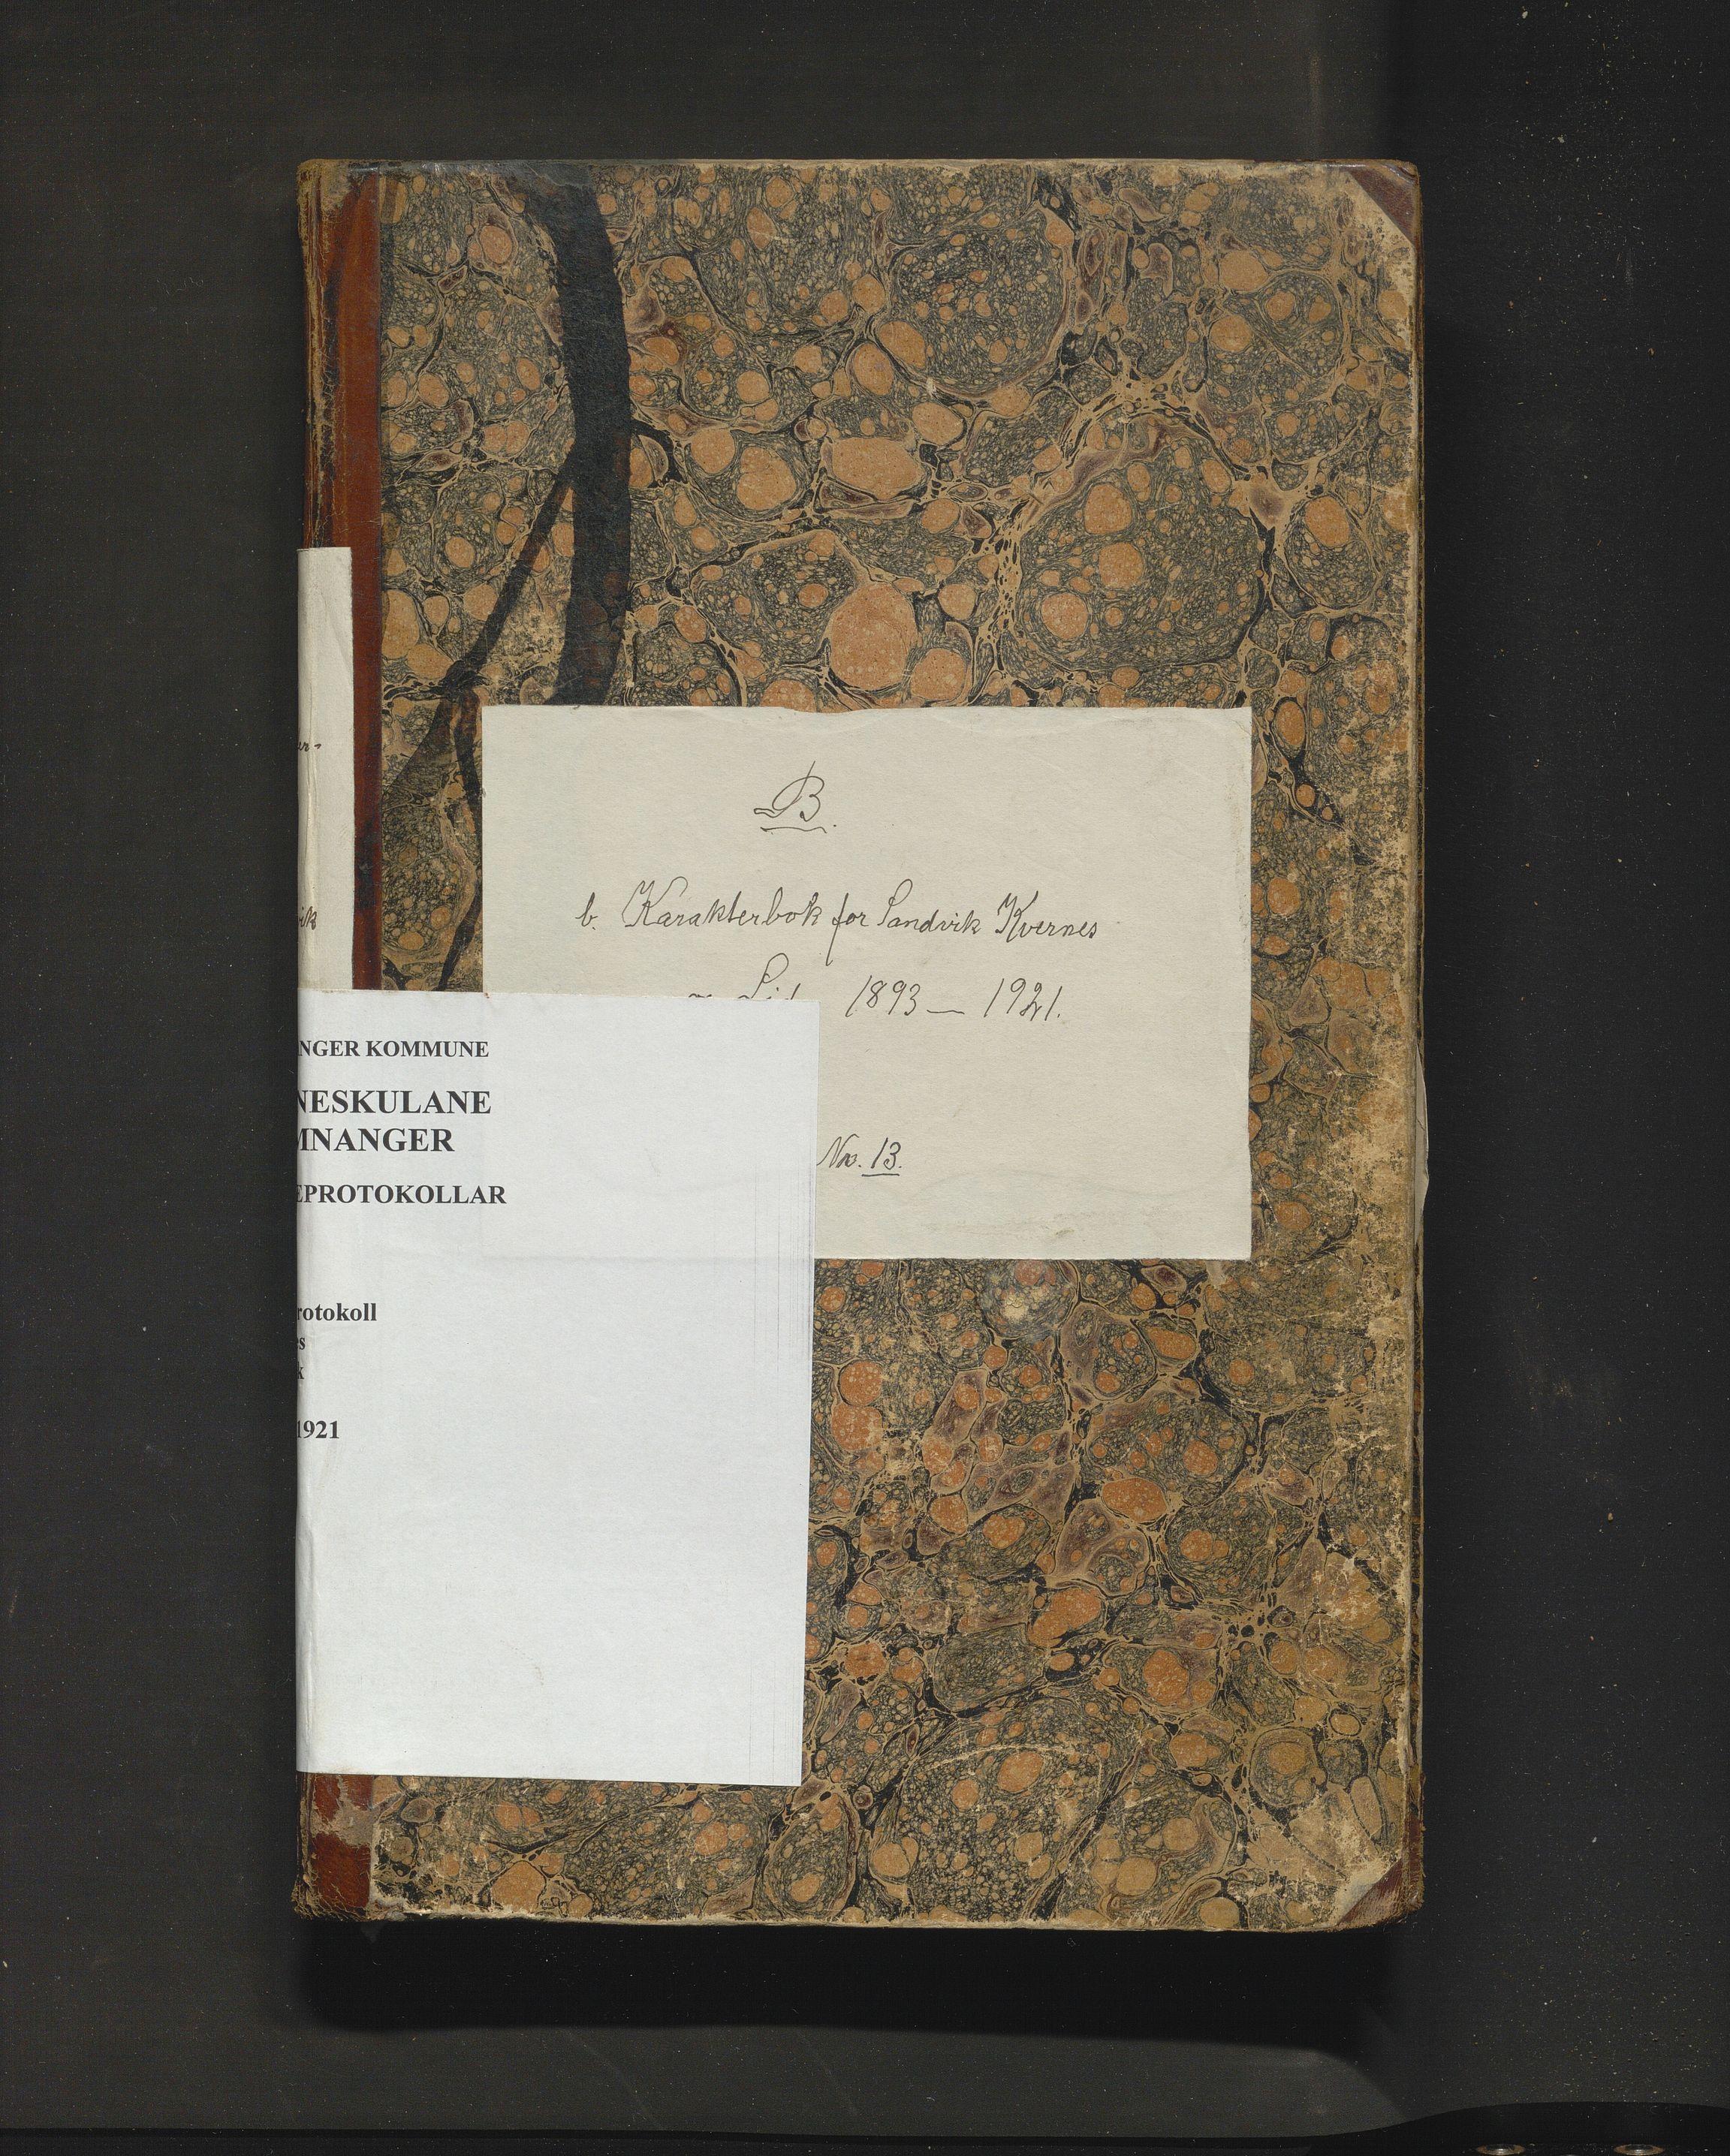 IKAH, Samnanger kommune. Barneskulane, F/Fa/L0005: Skuleprotokoll for læraren i Os prestegjeld, Samnanger sokn for krinsane, 1893-1921